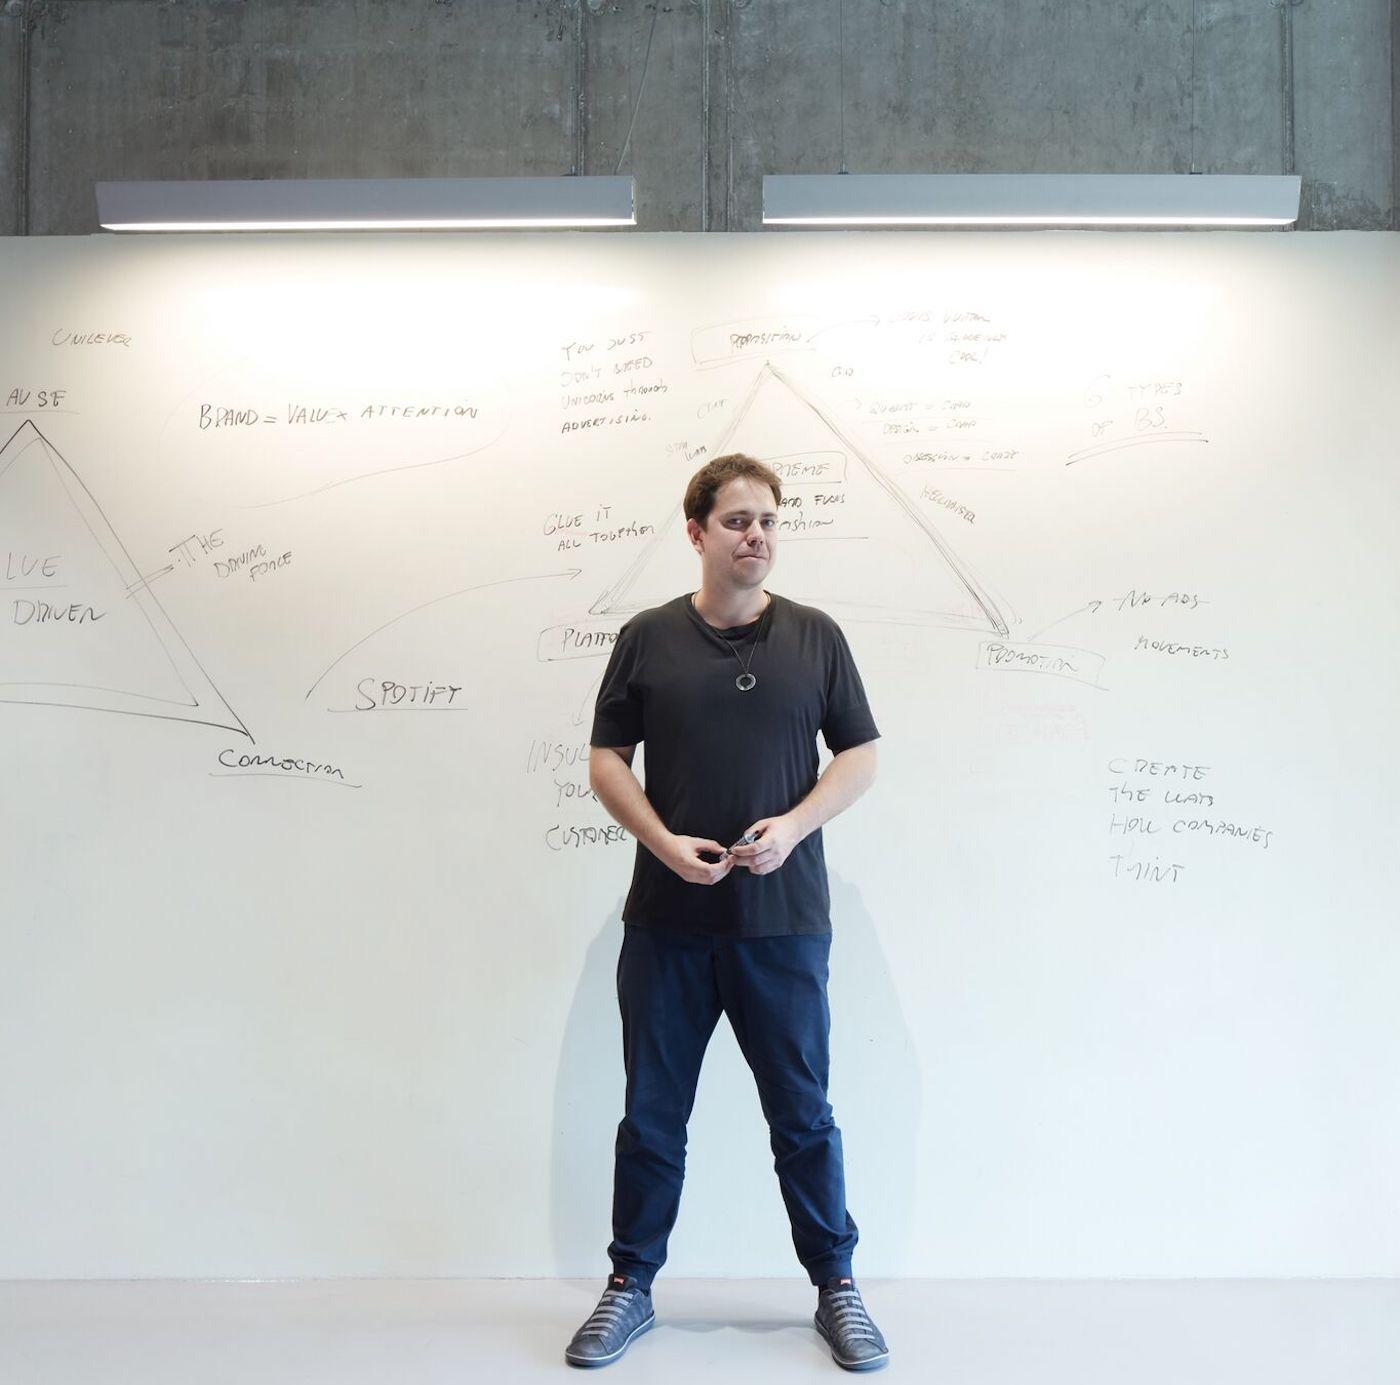 Milan Semelak at the whiteboard